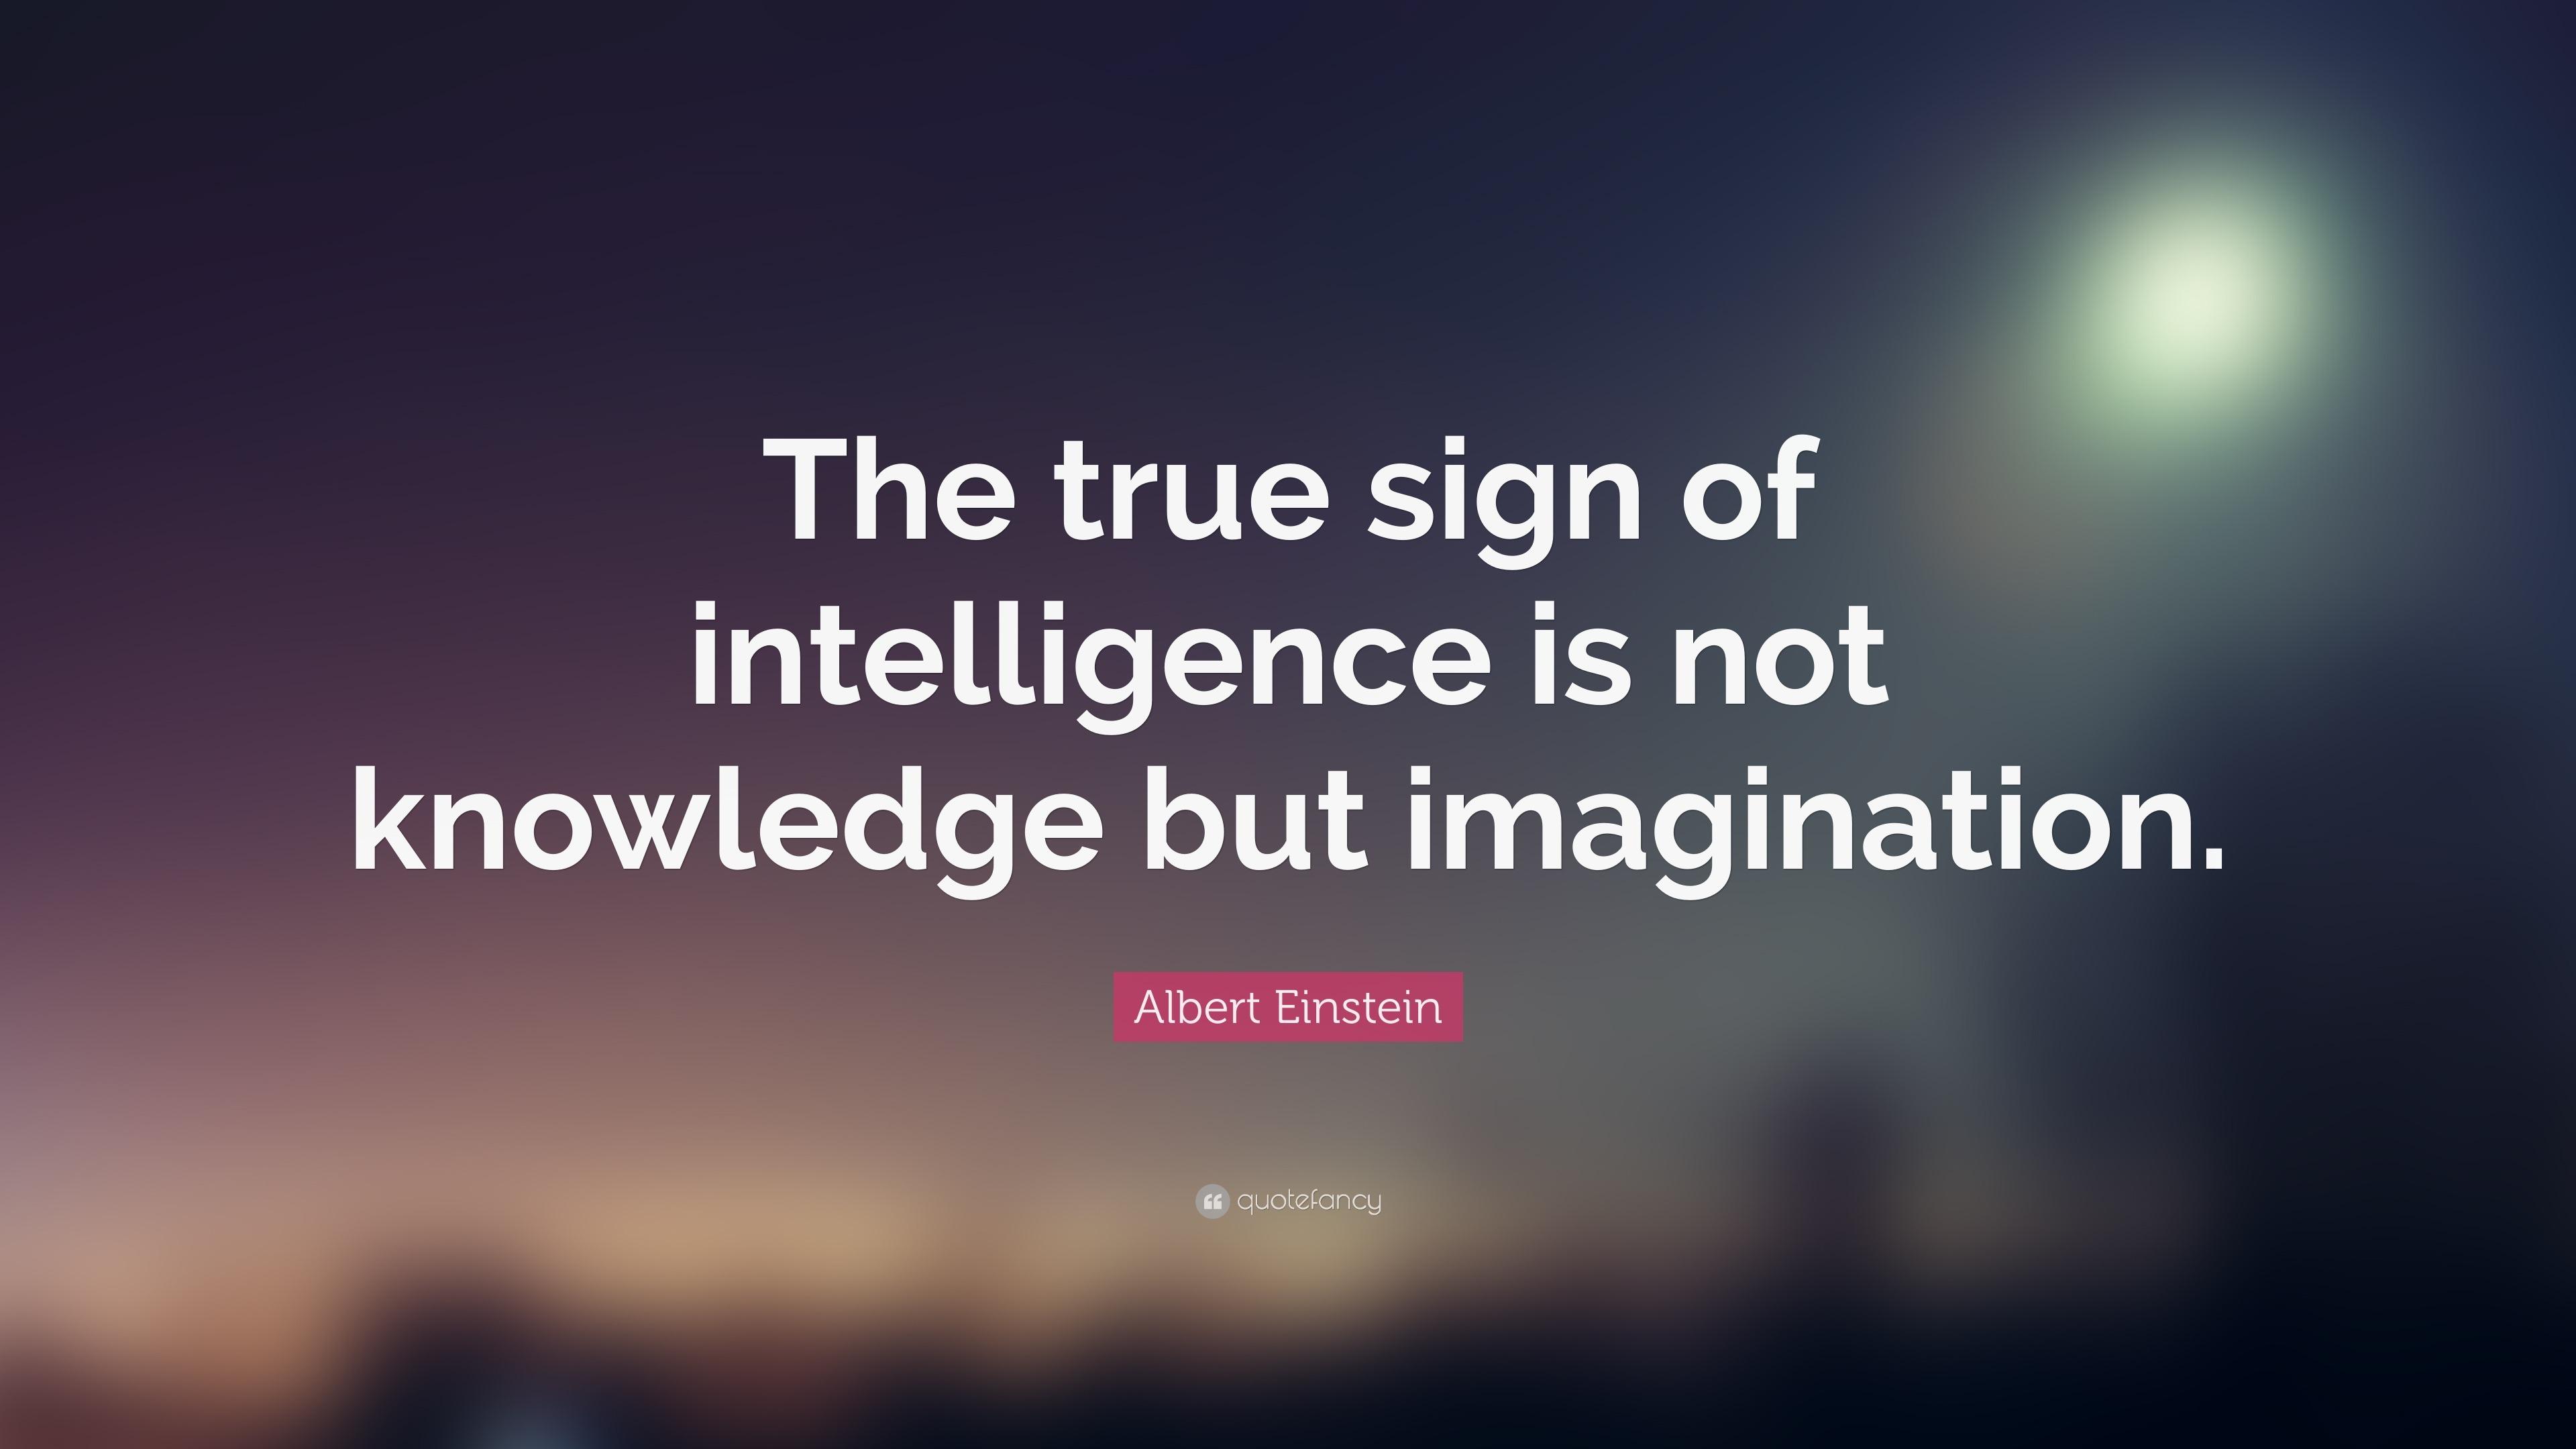 albert einstein quote the true sign of intelligence is